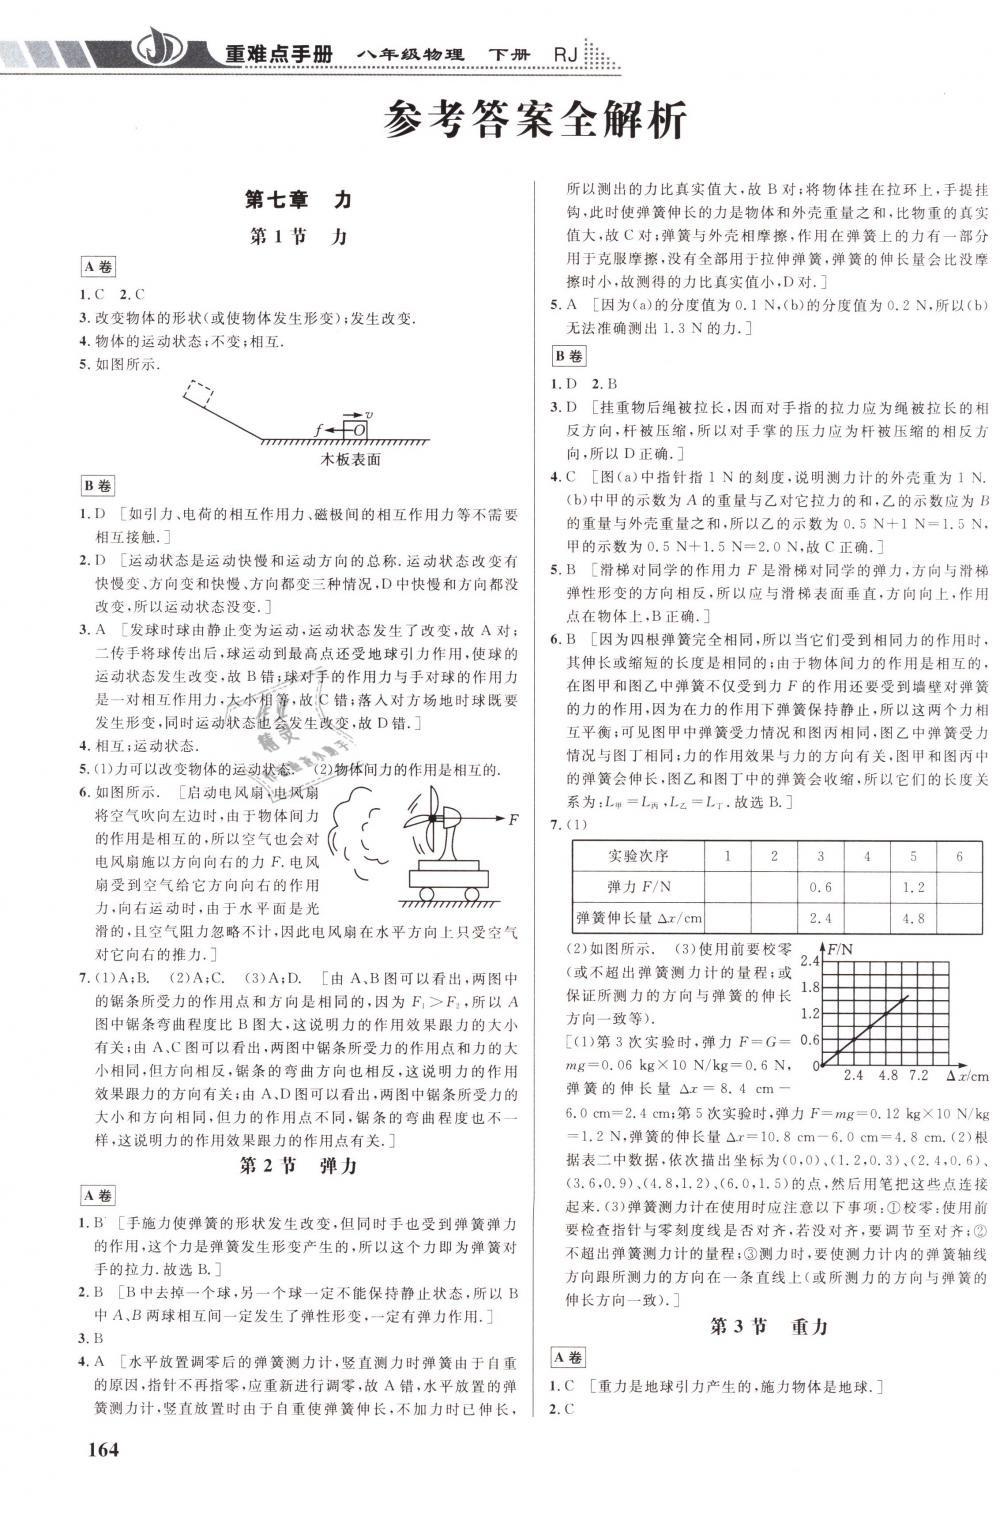 2019年重难点手册八年级物理下册人教版第1页